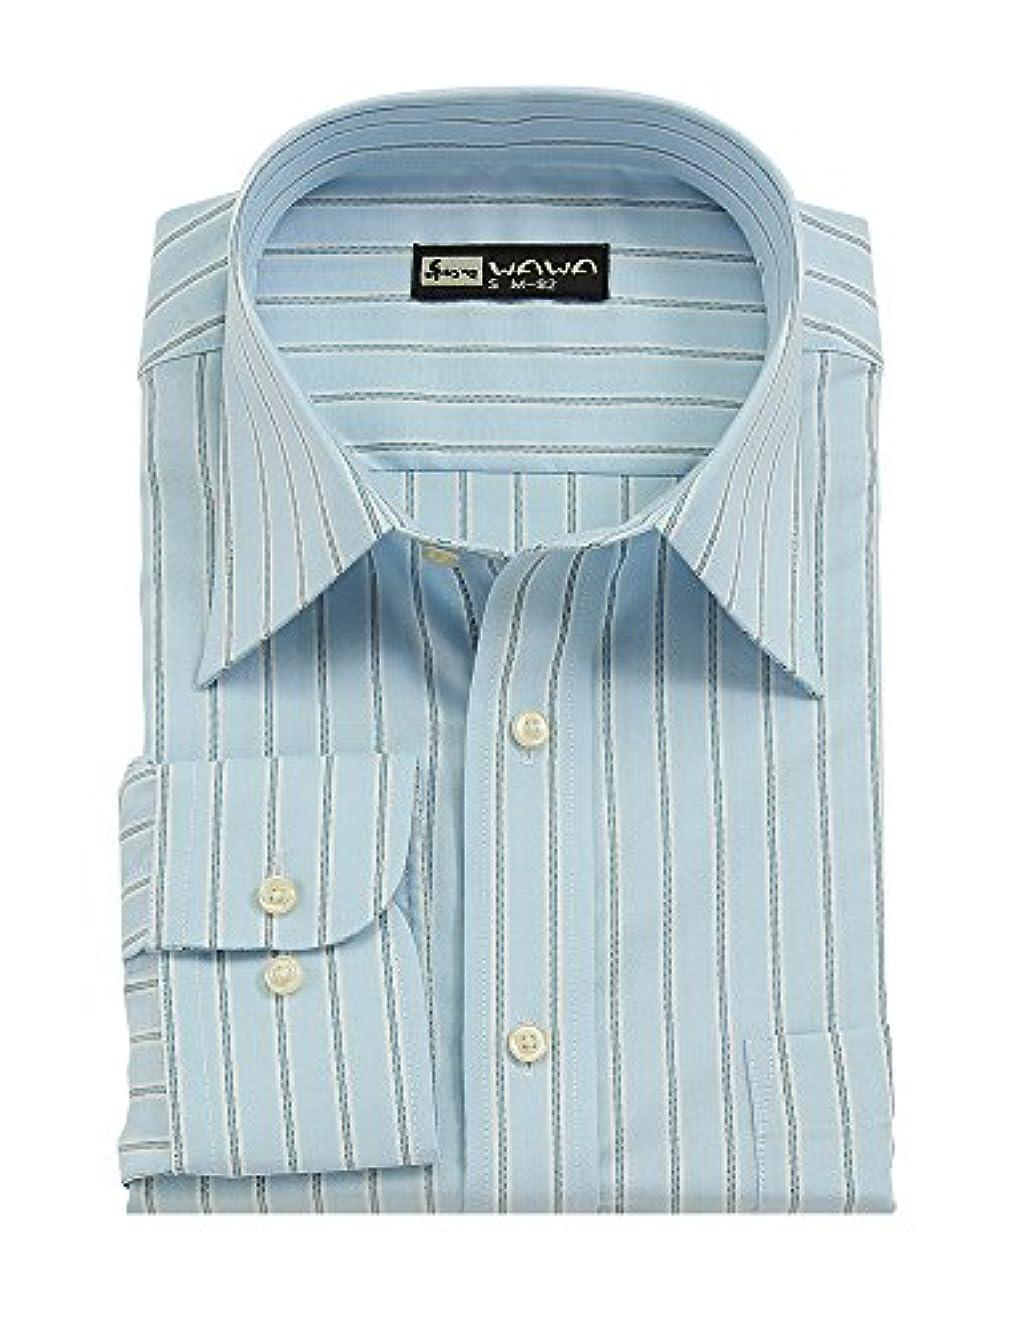 人種ステッチ淡い(ワワジャパン)WAWAJAPAN 12種類から選べる綿100%メンズワイシャツ Cシリーズ (S80(スリムタイプ), C-704)